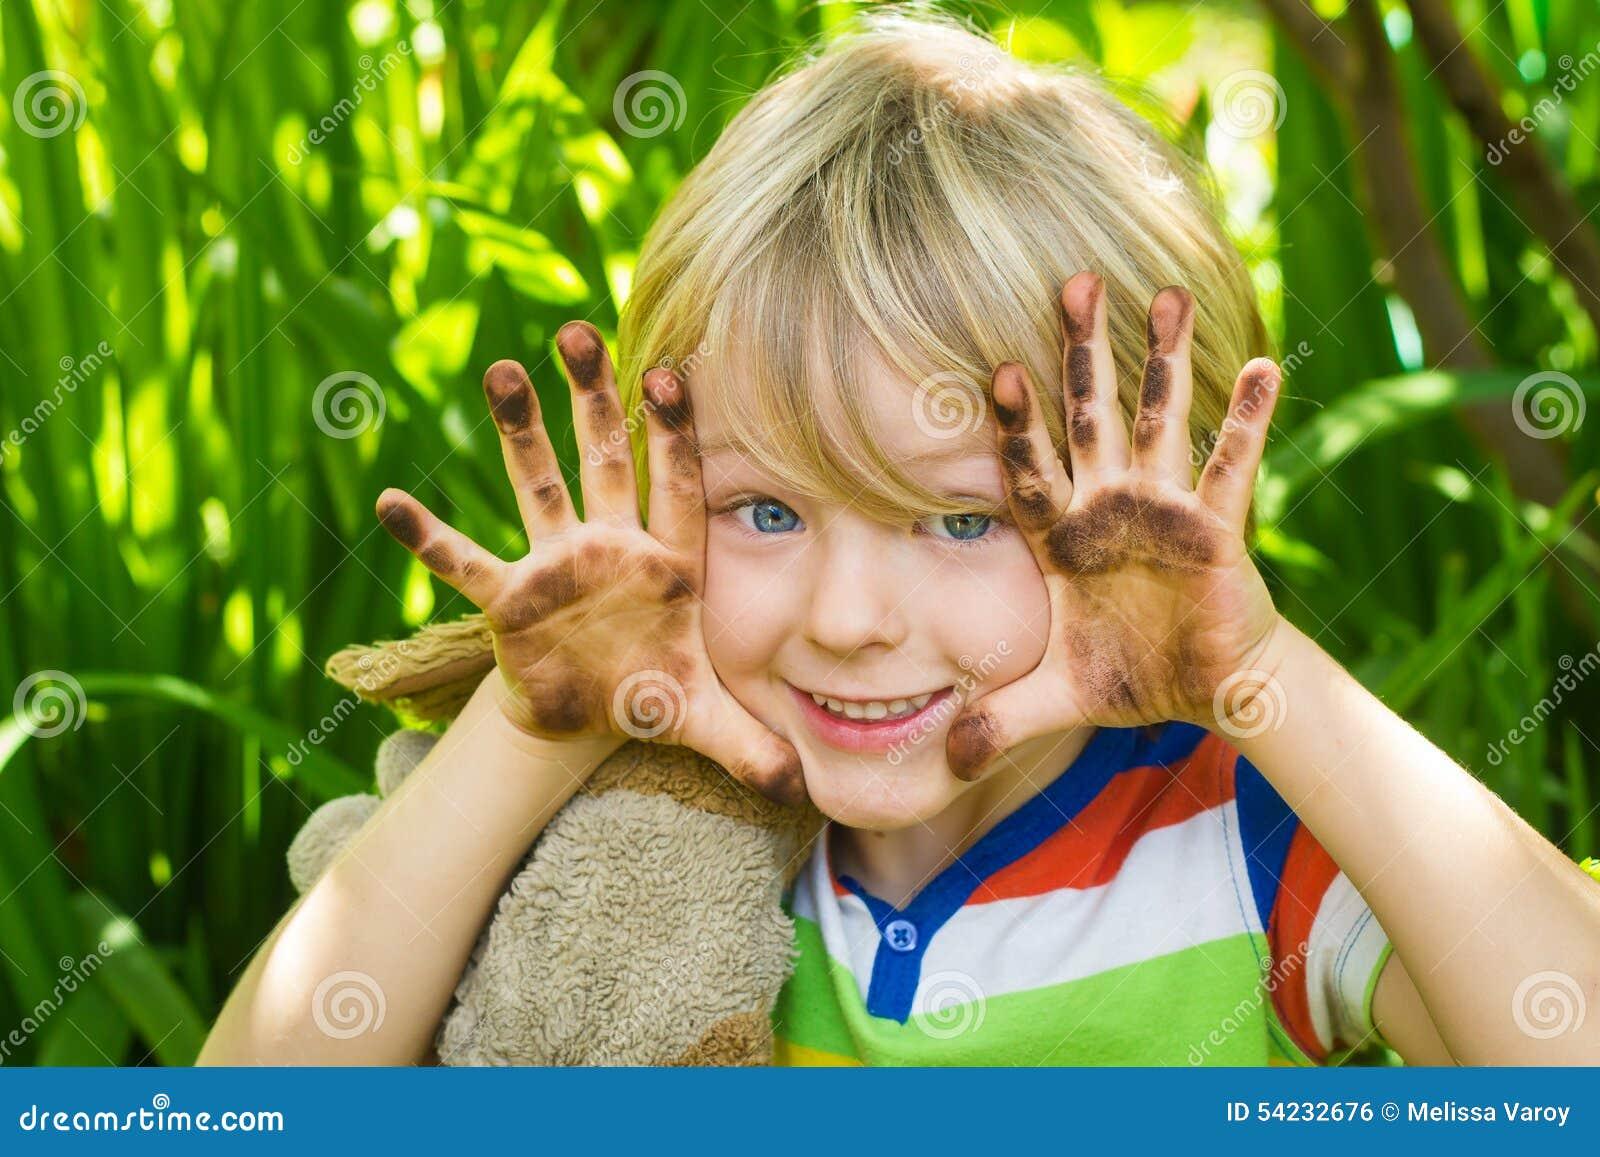 Как сделать так чтобы ребенок в саду не болел9